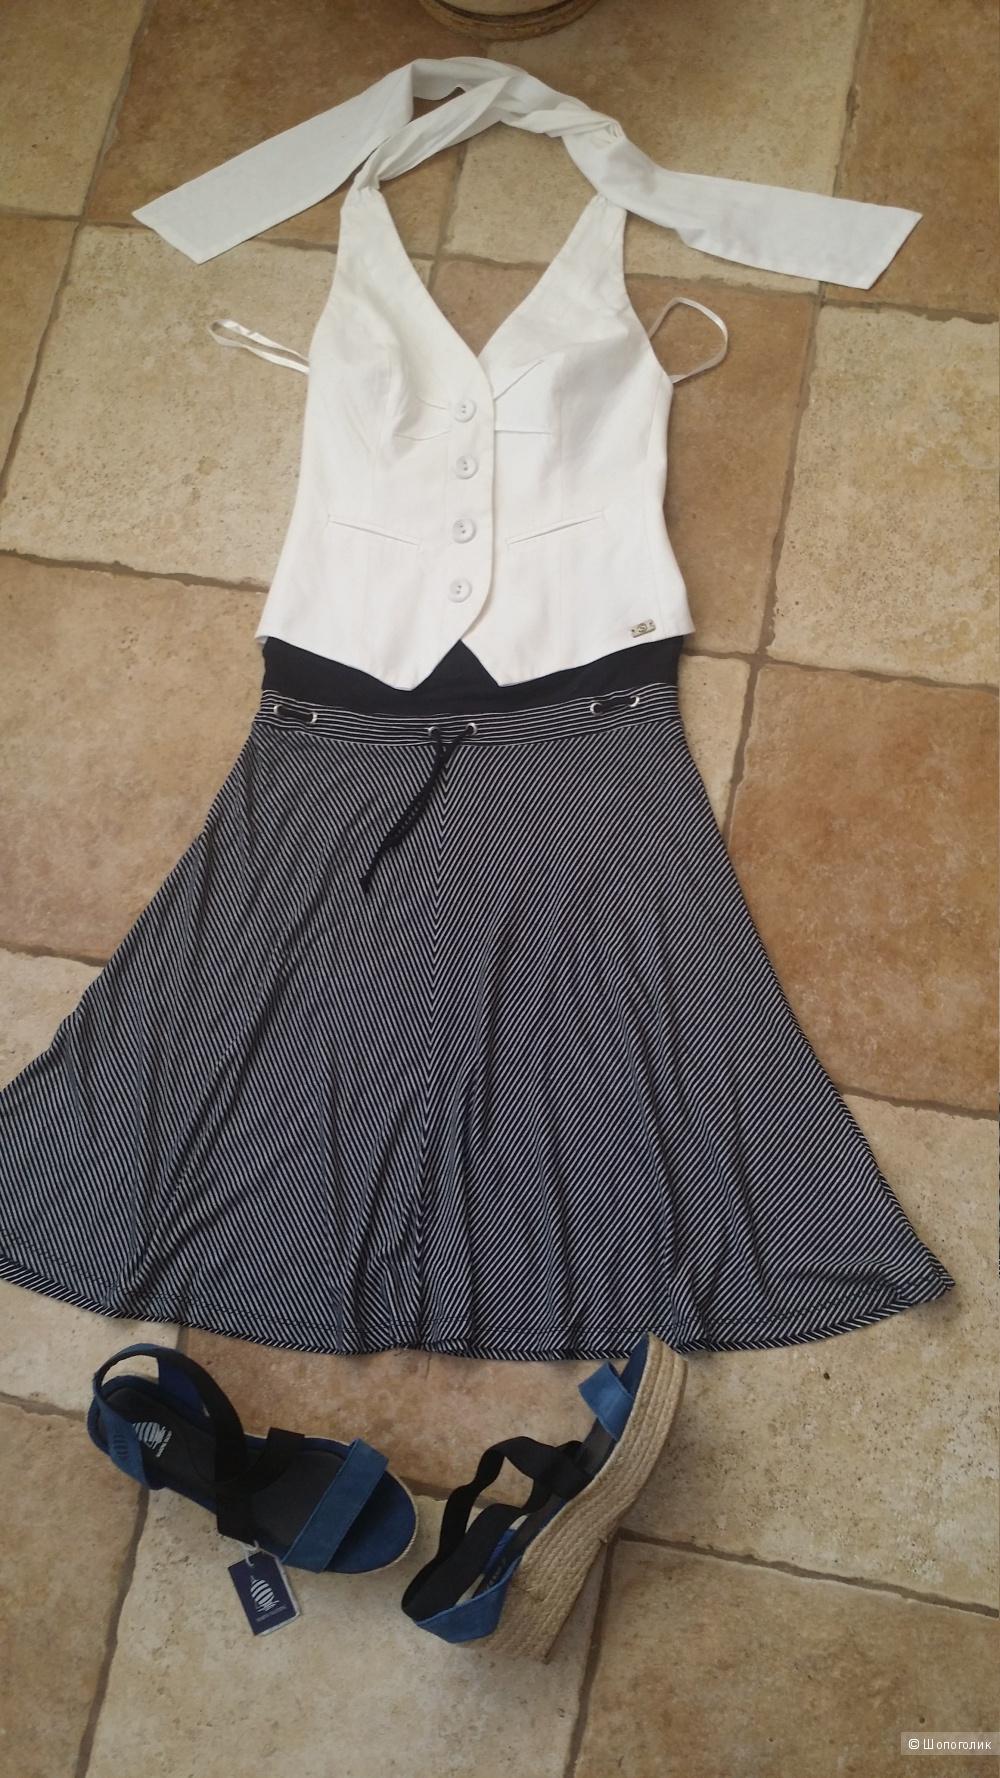 Сет из 3 вещей: юбка McGregor , топ и брюки Silver Creek, +- 44 размер